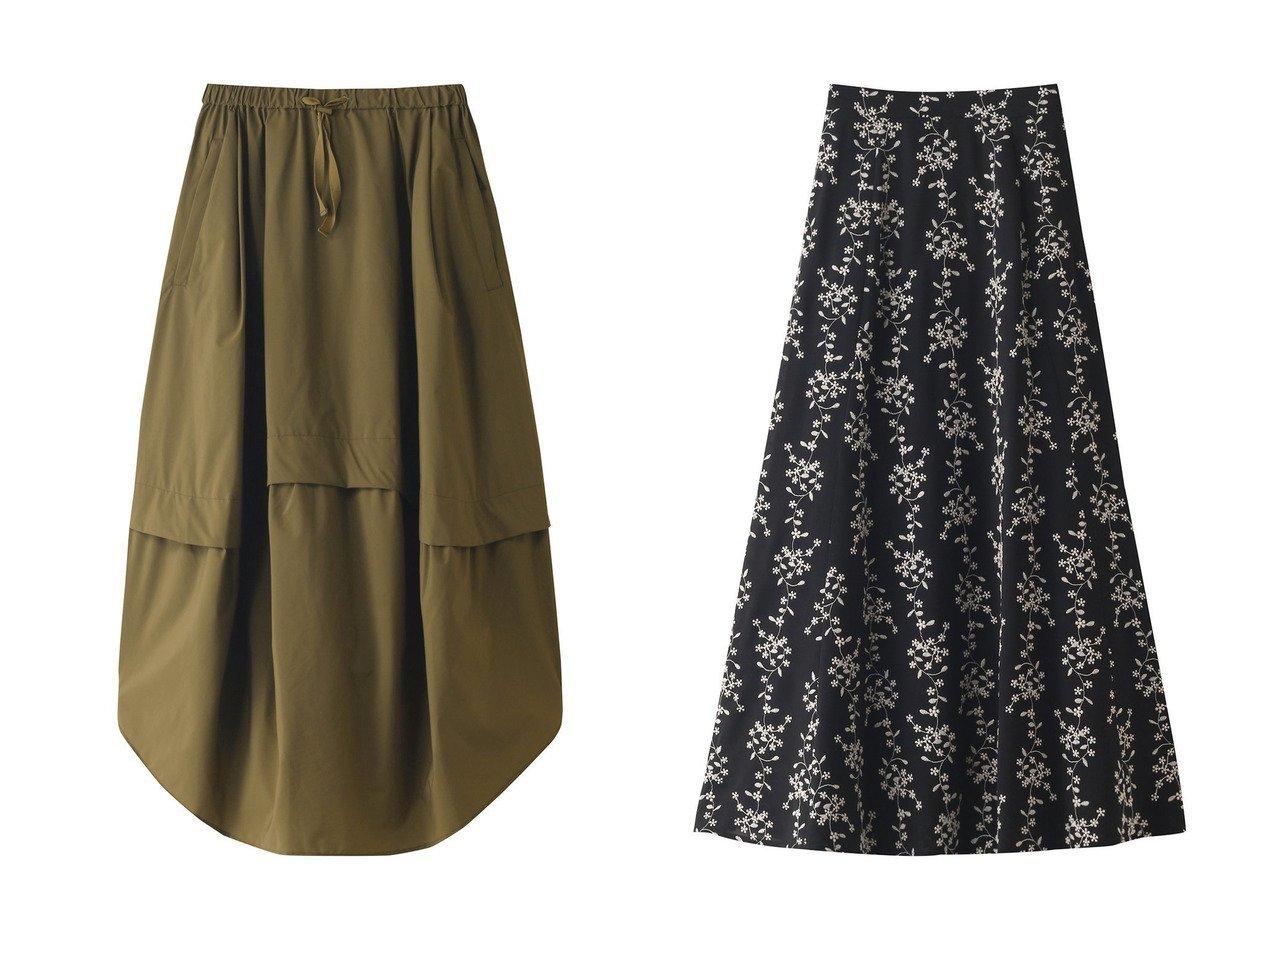 【CLANE/クラネ】のスカート&【nagonstans/ナゴンスタンス】のPERTEX SHIELD ドロストコクーンスカート 【スカート】おすすめ!人気、トレンド・レディースファッションの通販 おすすめで人気の流行・トレンド、ファッションの通販商品 インテリア・家具・メンズファッション・キッズファッション・レディースファッション・服の通販 founy(ファニー) https://founy.com/ ファッション Fashion レディースファッション WOMEN スカート Skirt ロングスカート Long Skirt 2020年 2020 2020-2021秋冬・A/W AW・Autumn/Winter・FW・Fall-Winter/2020-2021 2021年 2021 2021-2022秋冬・A/W AW・Autumn/Winter・FW・Fall-Winter・2021-2022 A/W・秋冬 AW・Autumn/Winter・FW・Fall-Winter アウトドア アシンメトリー ジップ バルーン ポケット ロング |ID:crp329100000067239